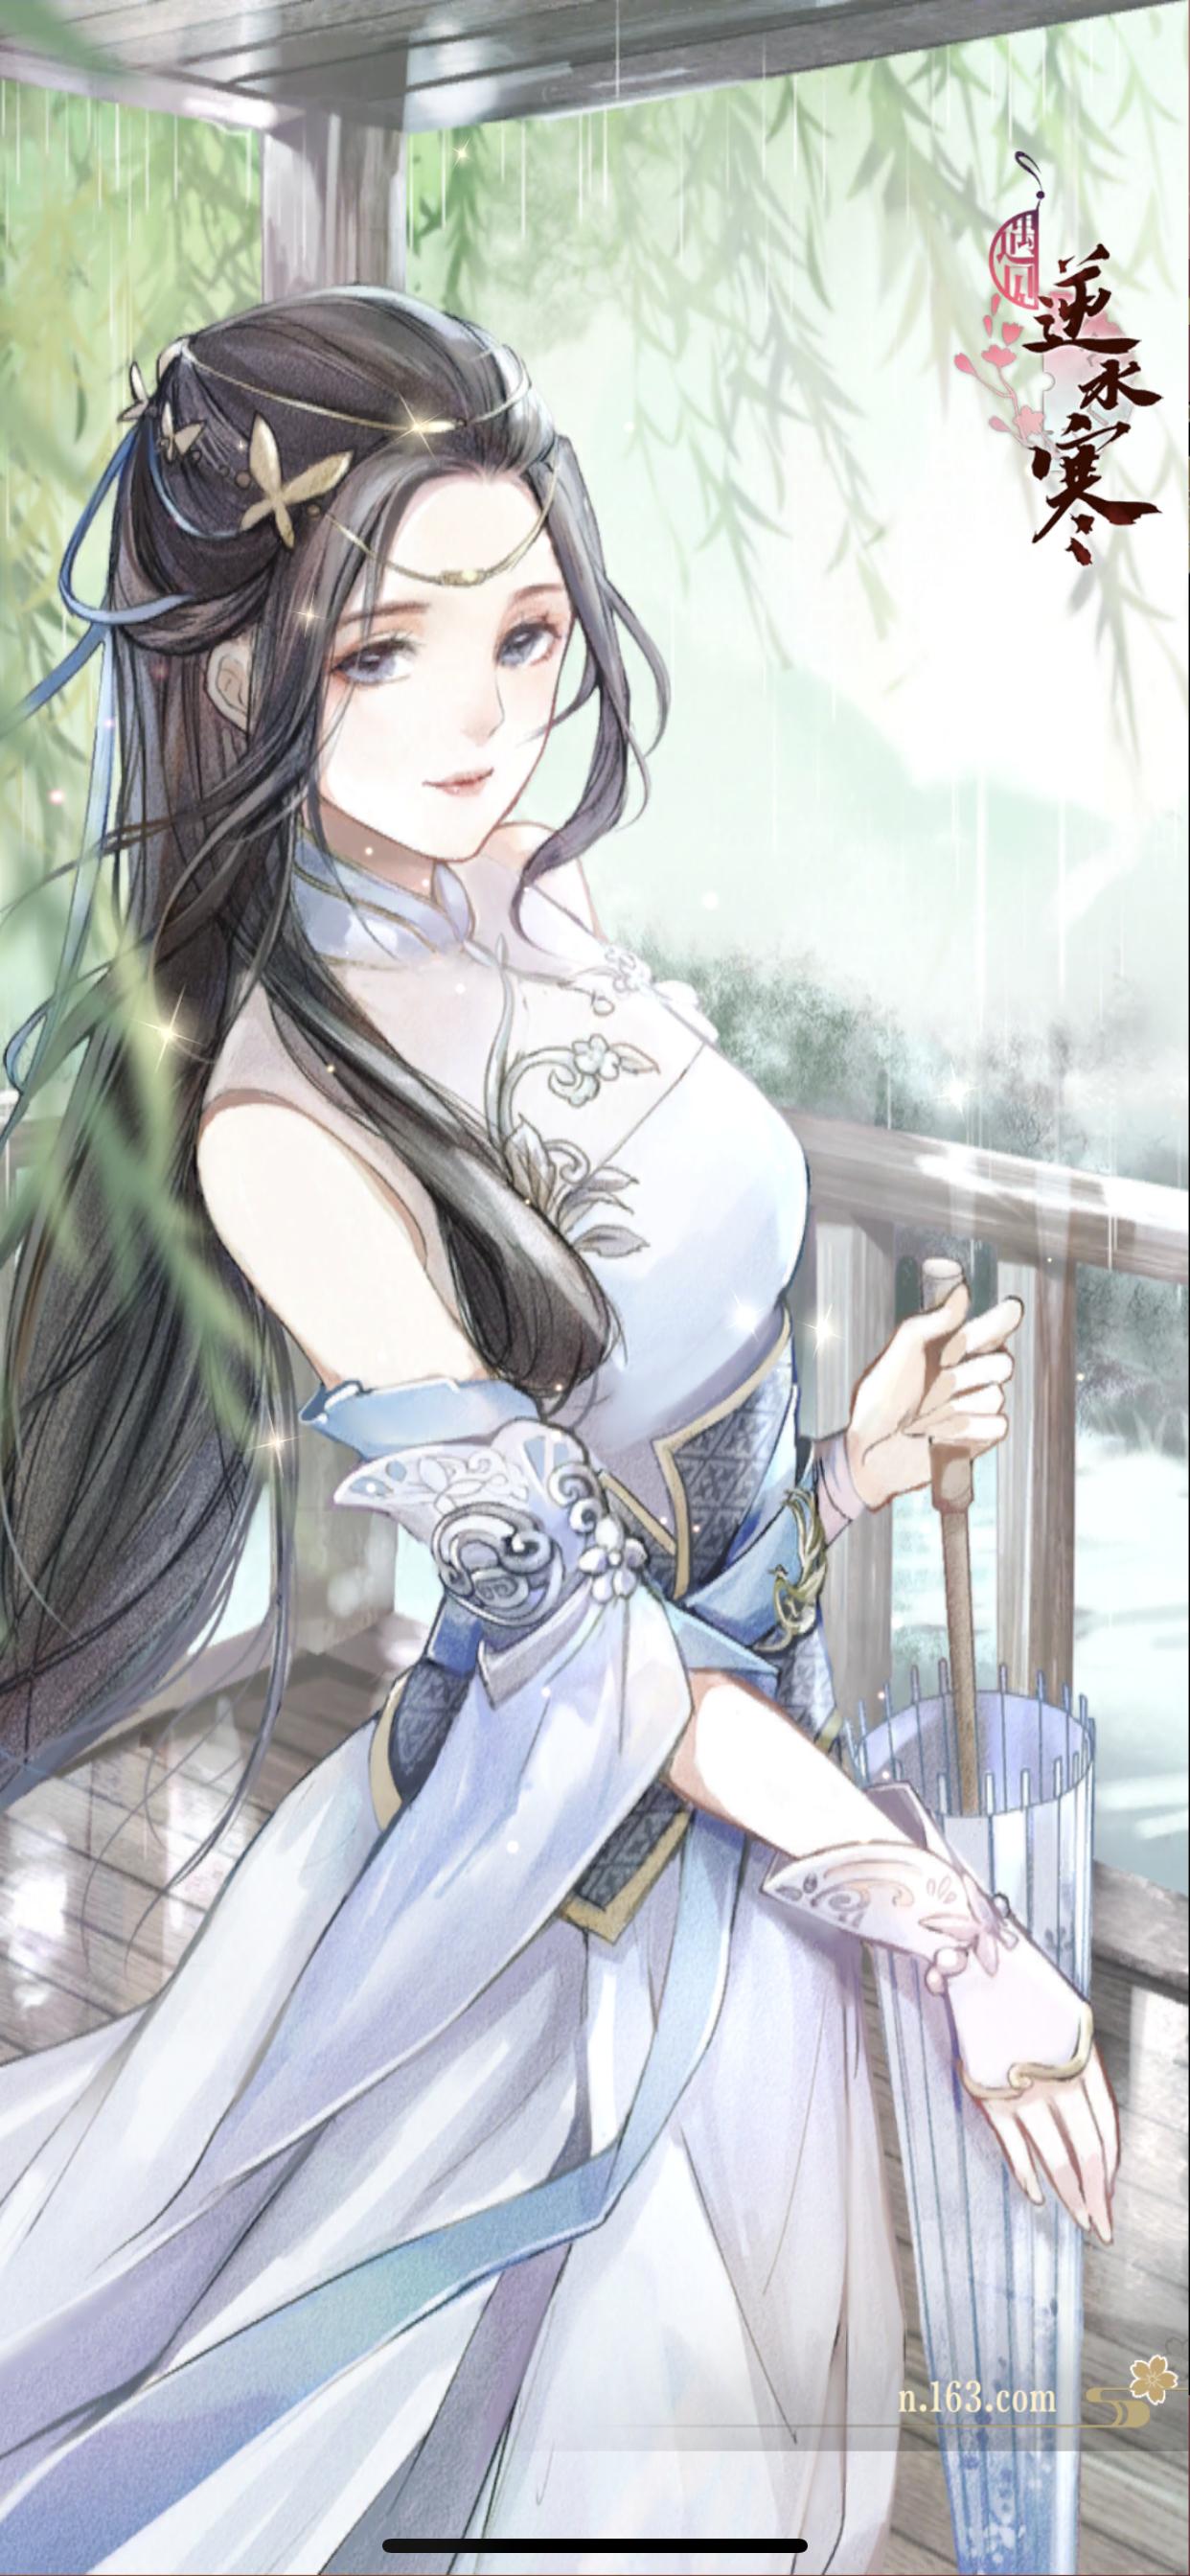 憑樓聽雨·葉雪青 Chinese art girl